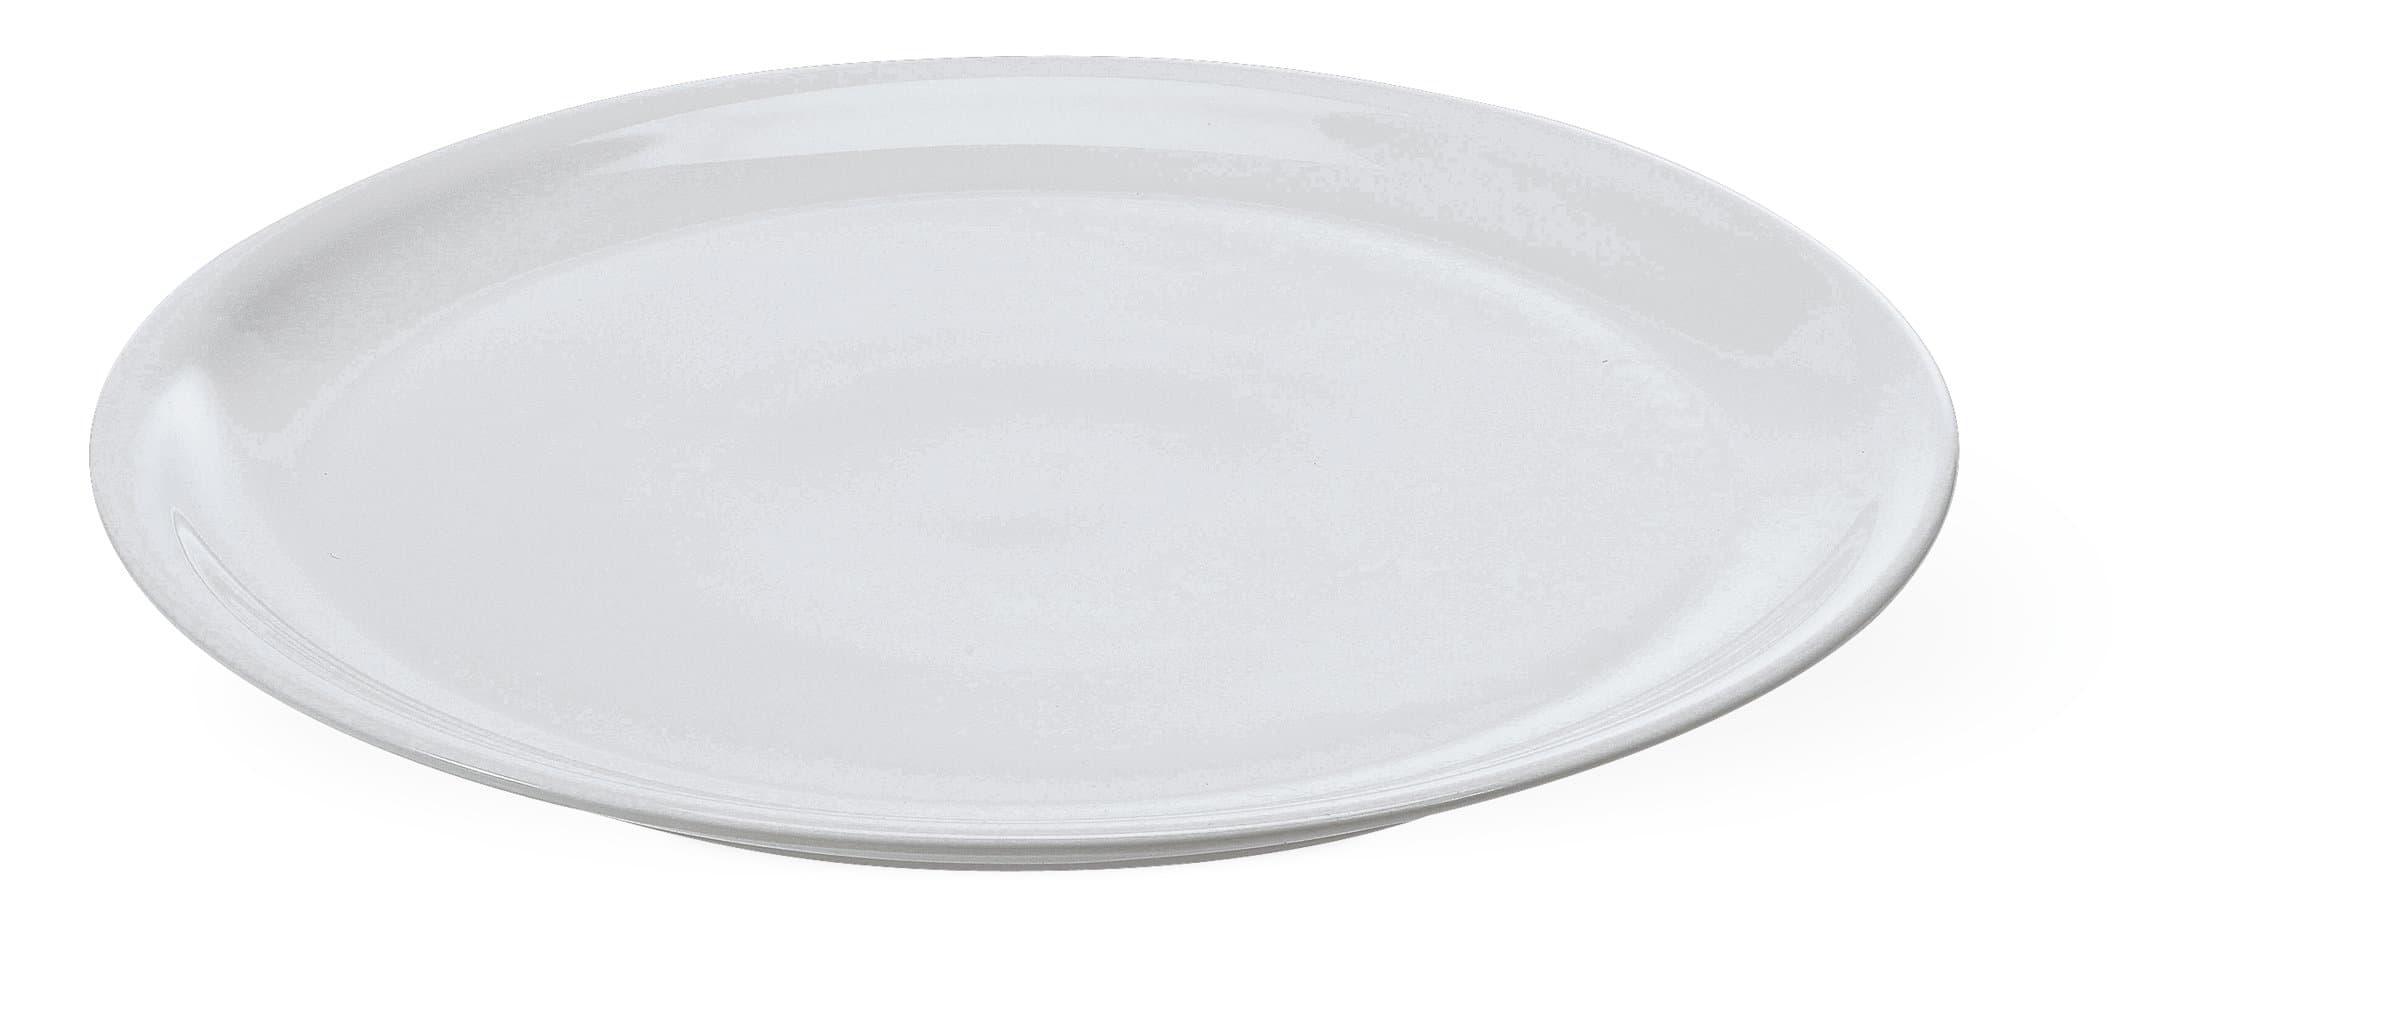 Cucina & Tavola CUCINA & TAVOLA Assiette à pizza 32cm